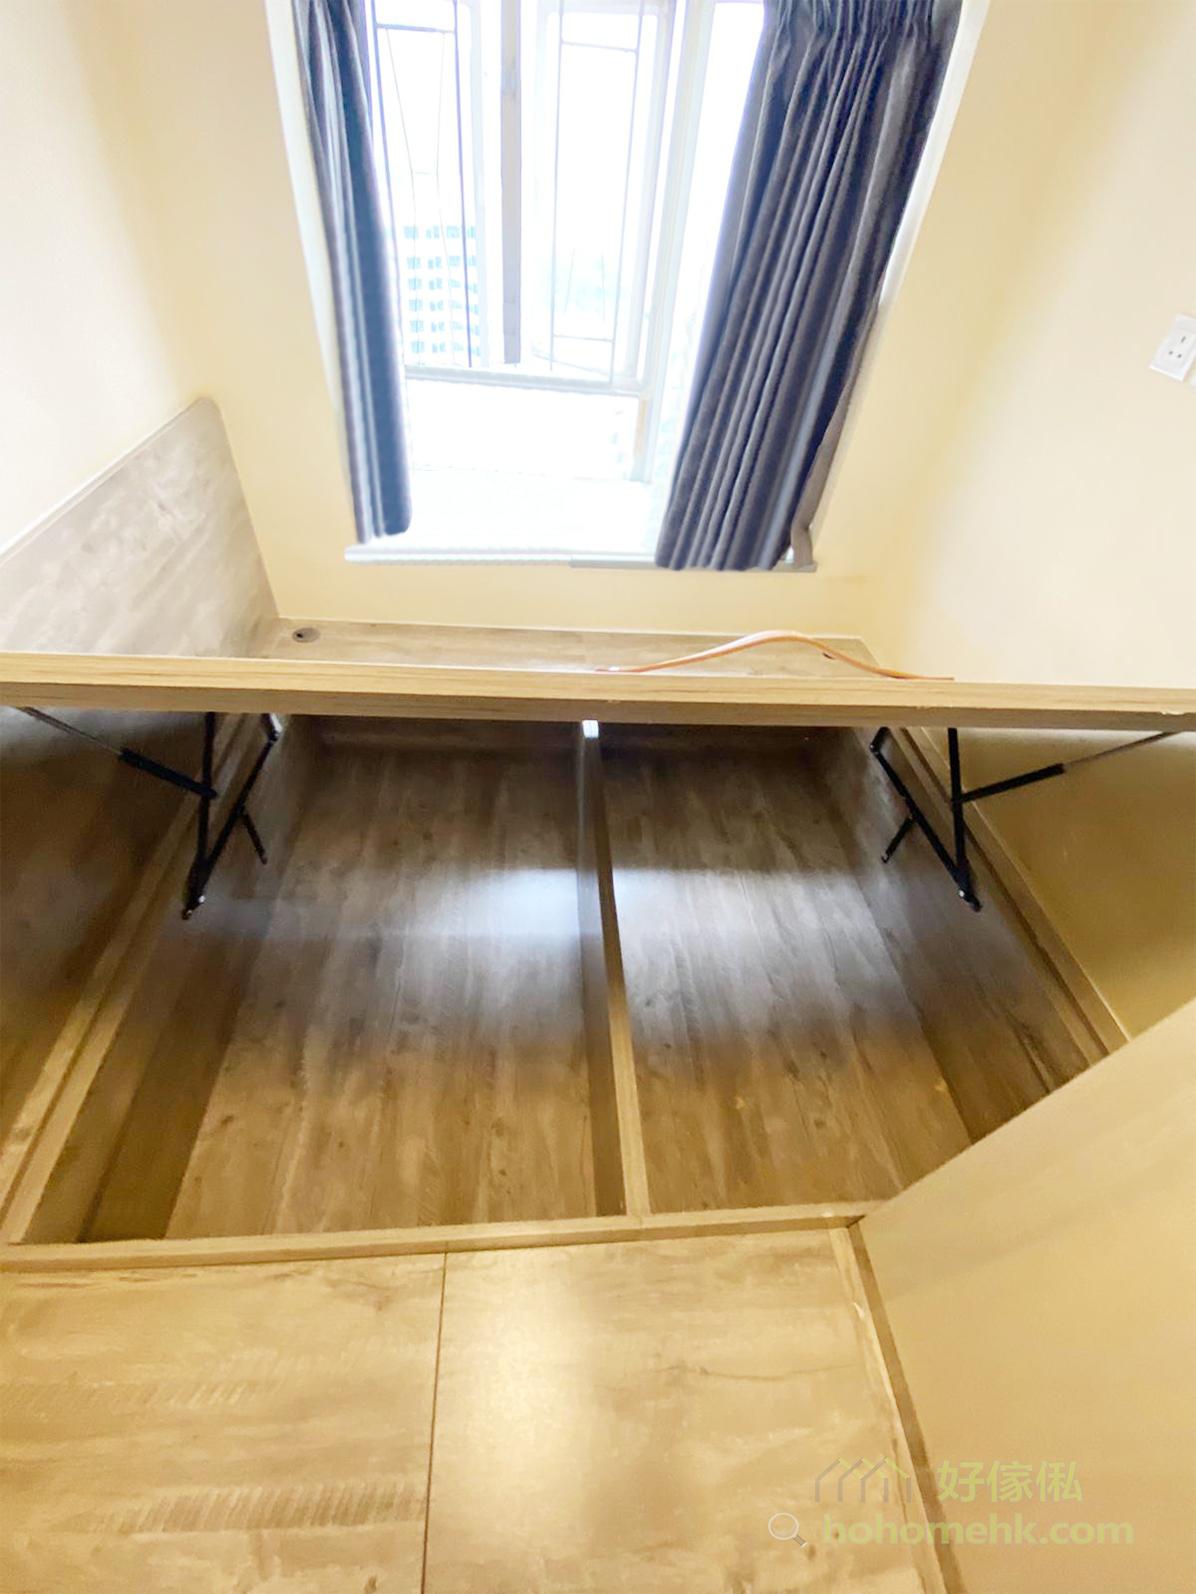 多功能傢俬可以節省空間,最具代表性的一定是地台床,既是地台又是床,將收納和睡眠的空間重疊在一起,空間像大了一倍